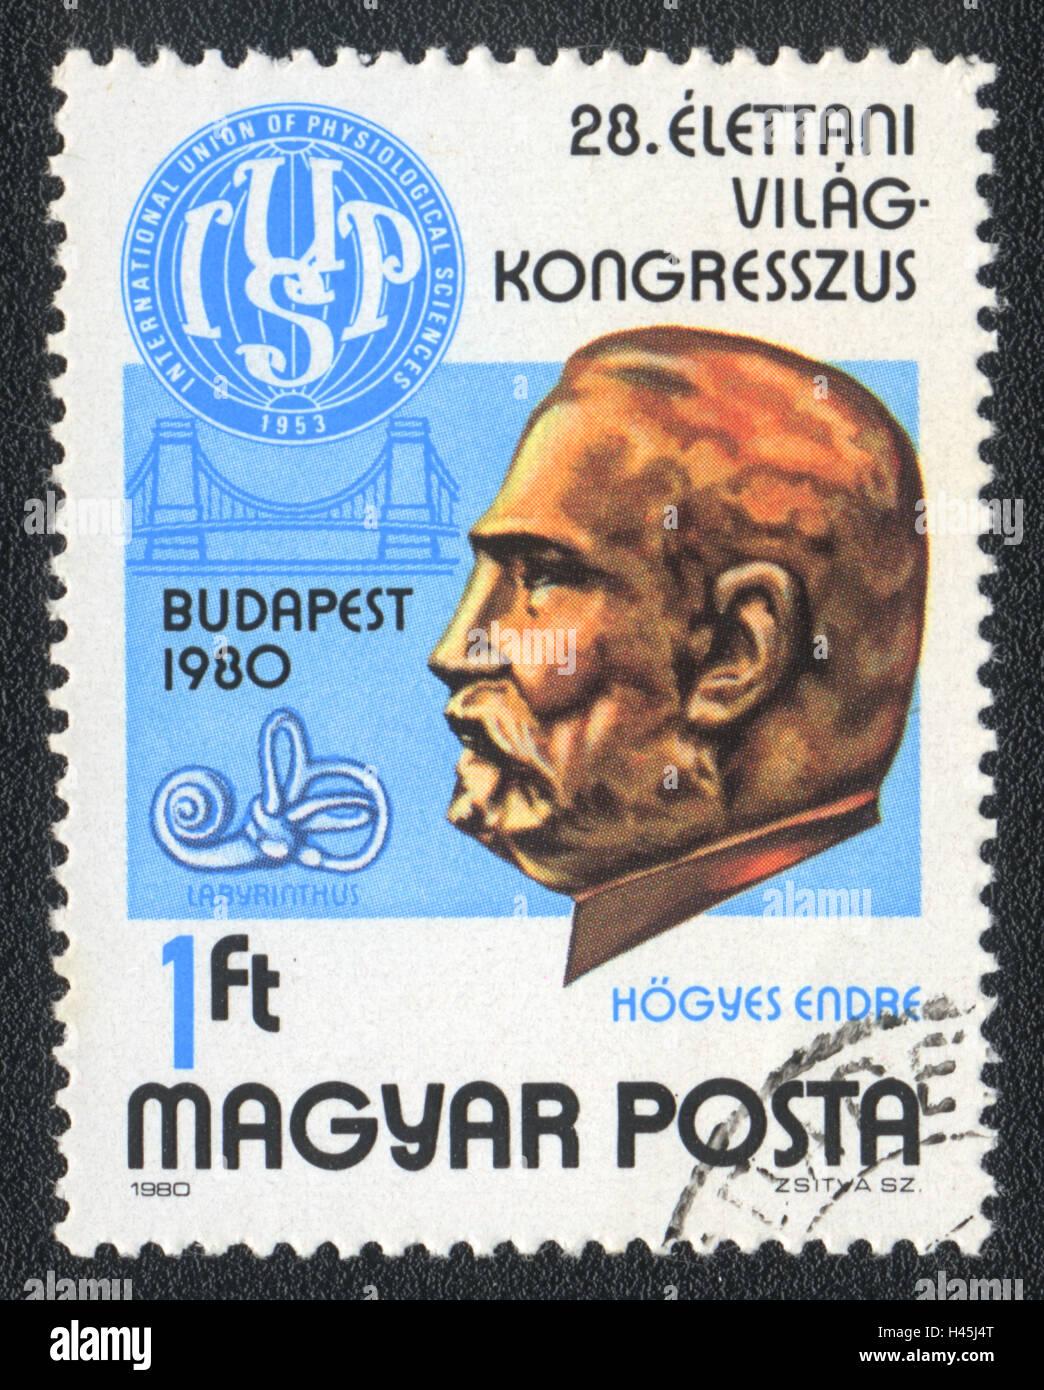 Un sello impreso en Hungría, muestra 28º Congreso Internacional de Ciencias Fisiológicas, 1980 Imagen De Stock